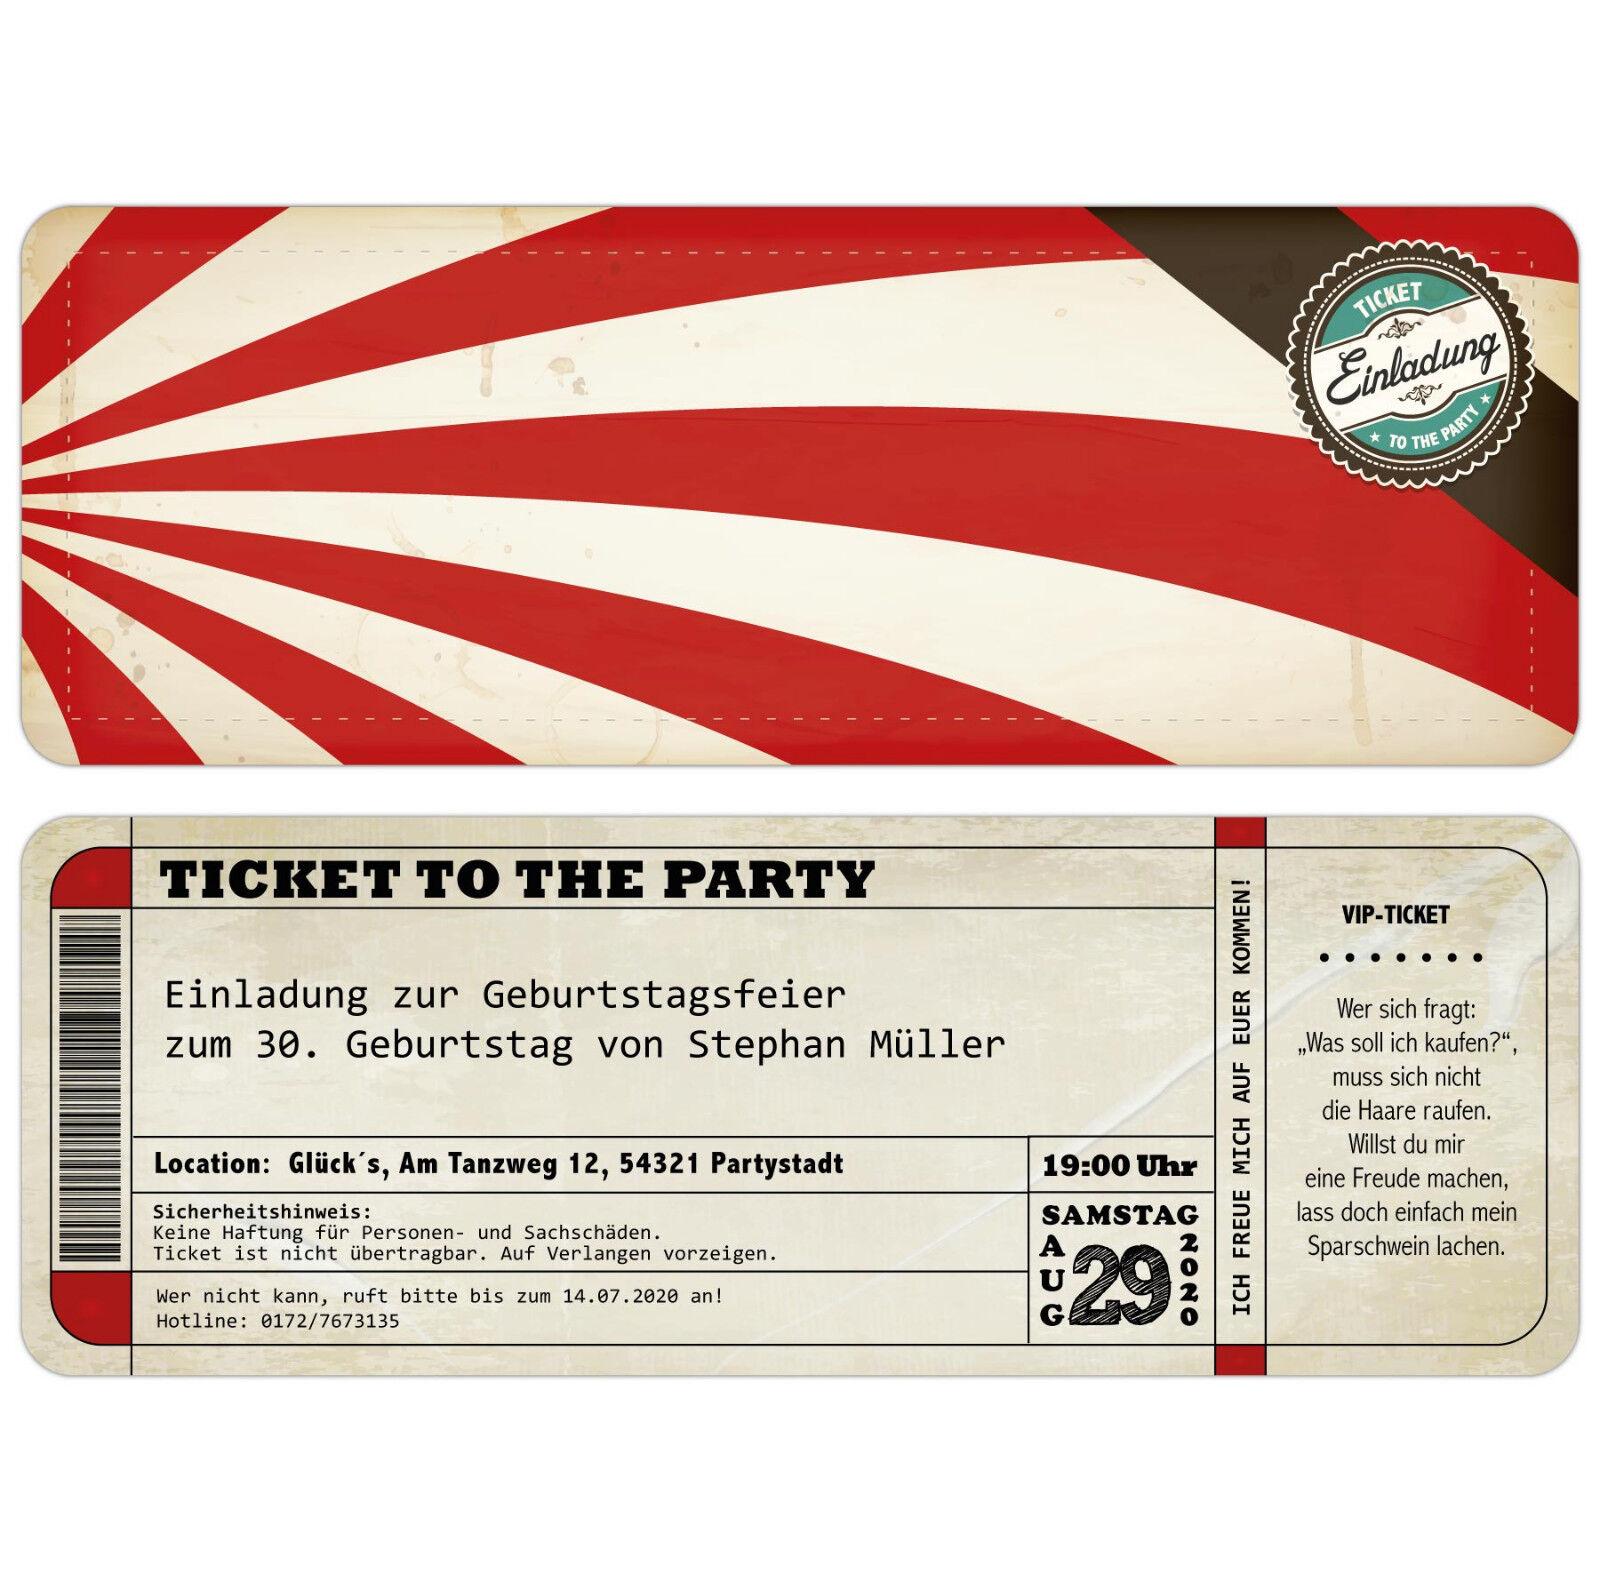 Tarjetas de invitación para mi cumpleaños como boleto-ticket-invitación-mapa